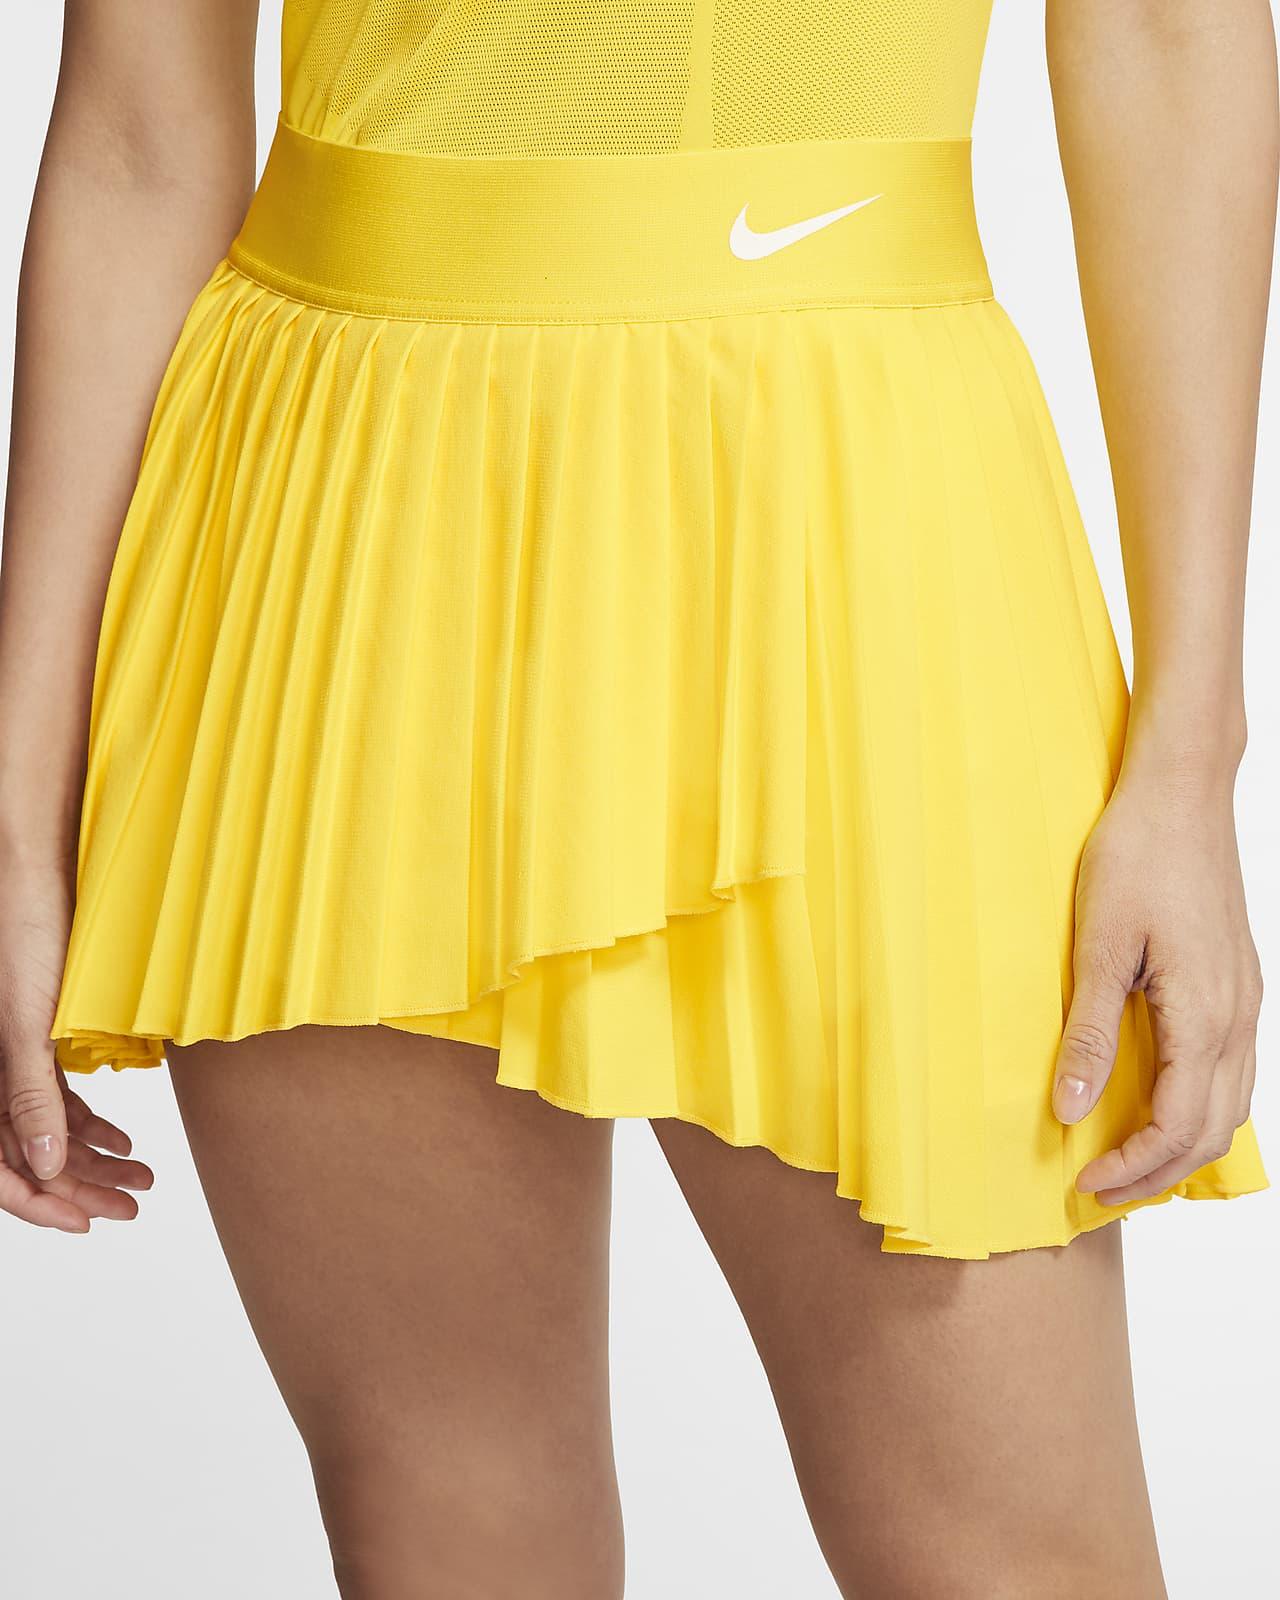 NikeCourt Victory Skirt Yellow